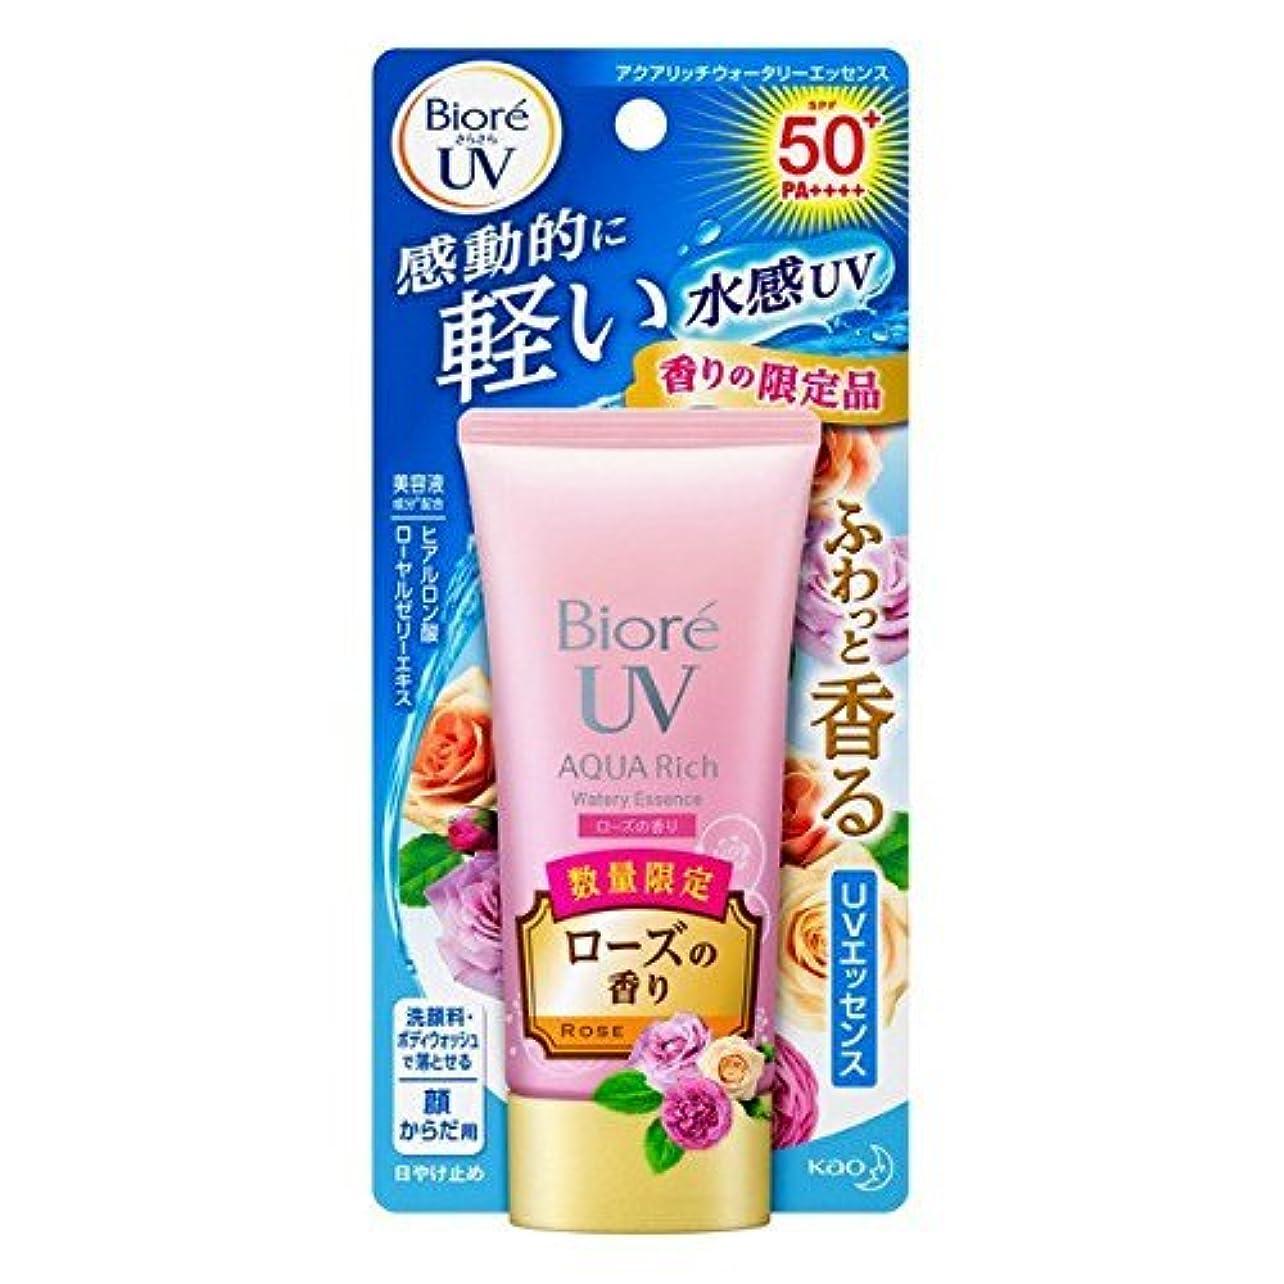 セール因子簡略化する【数量限定】ビオレ さらさらUV アクアリッチ ウォータリーエッセンス ローズの香り SPF50+ PA++++ 50g